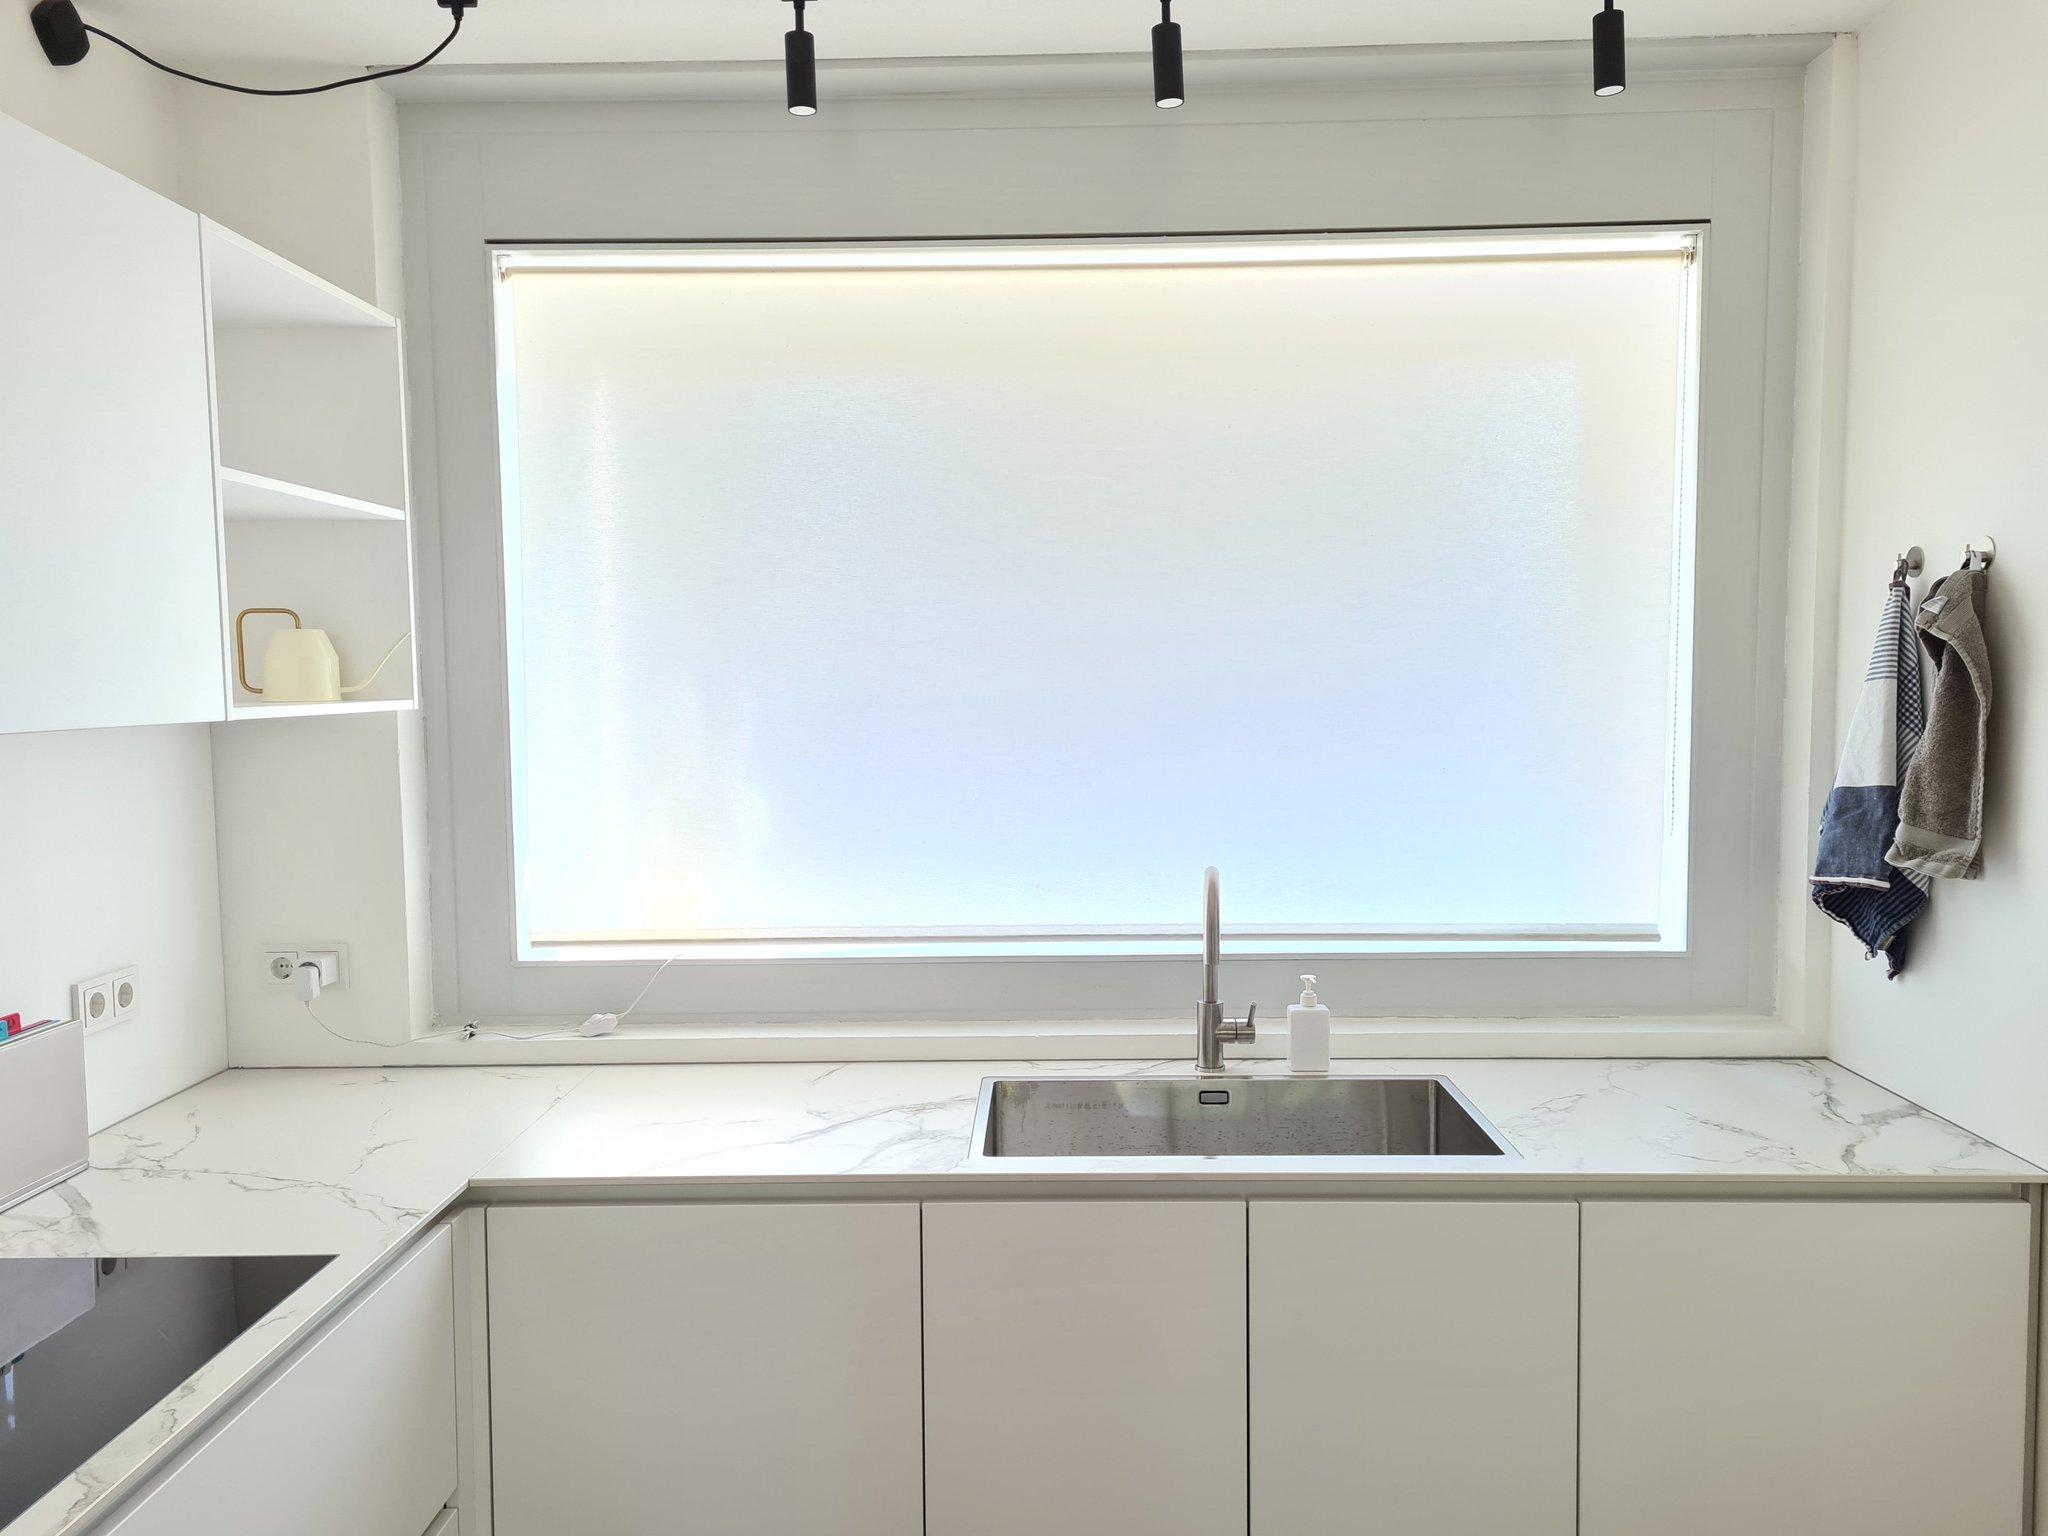 请教这个厨房的墙壁是什么材料?